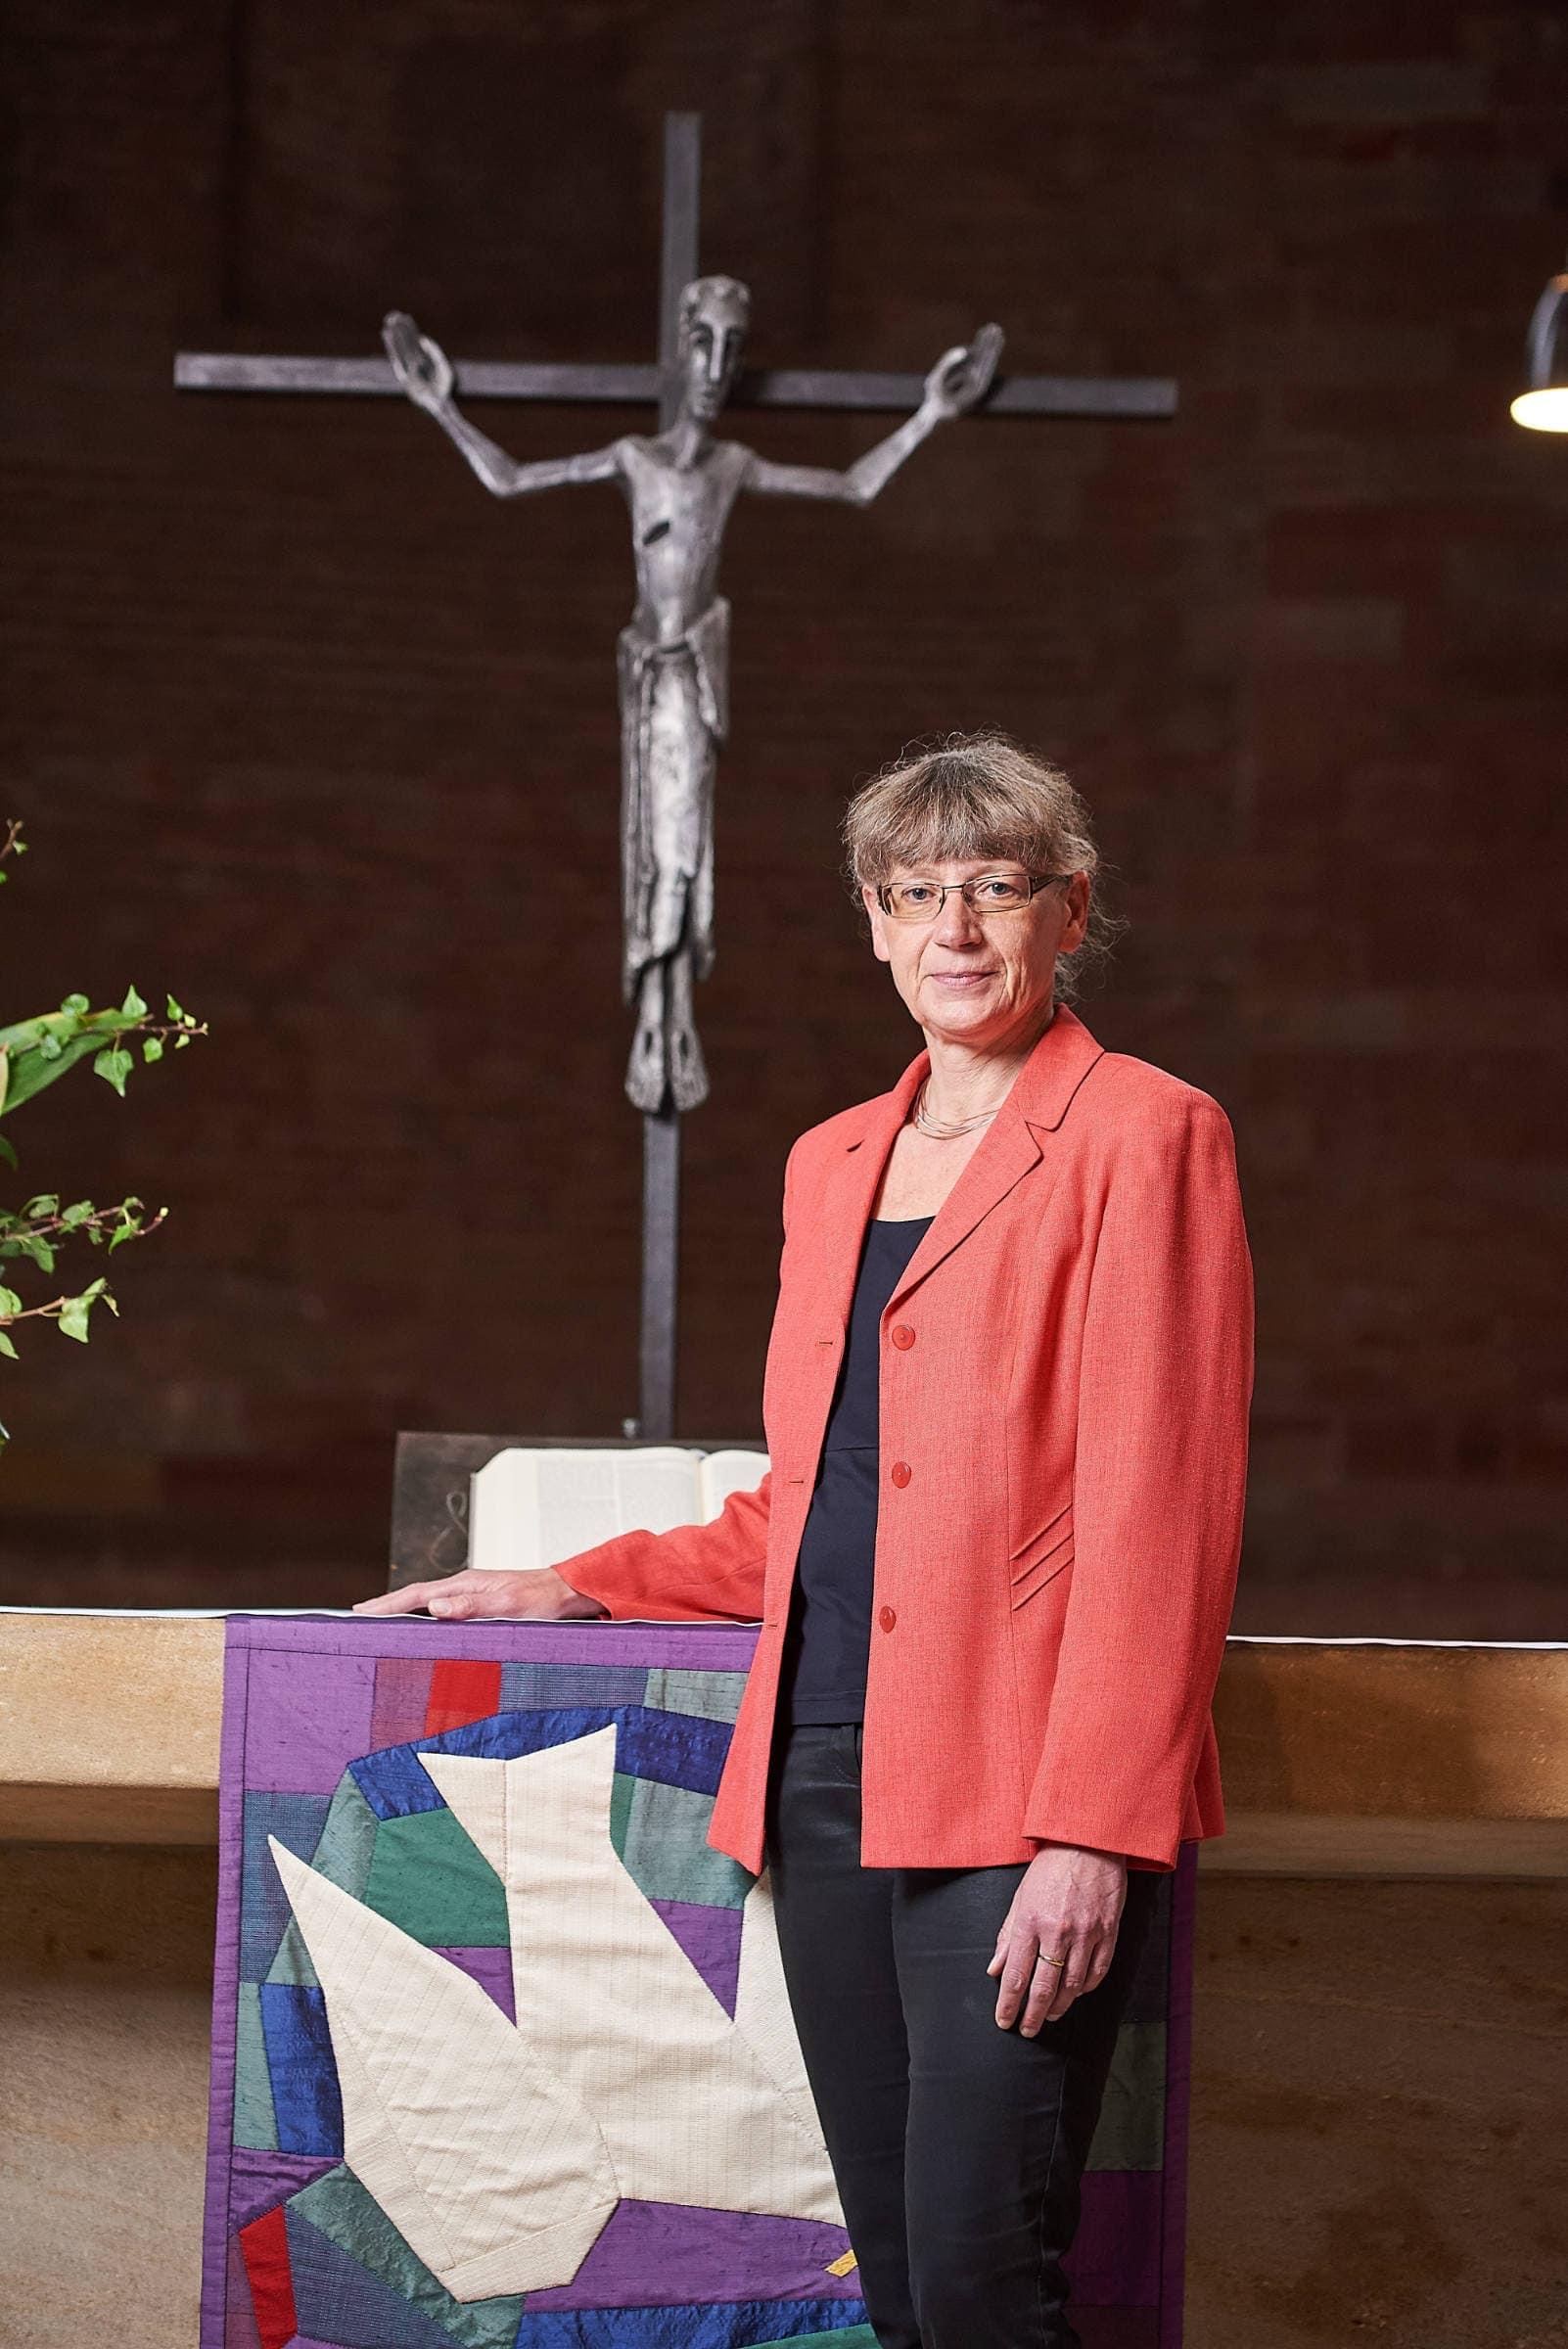 PR Fotografie für die evangelische Kirchengemeinde Trier, Pfarrerin Wiebke Dankowski